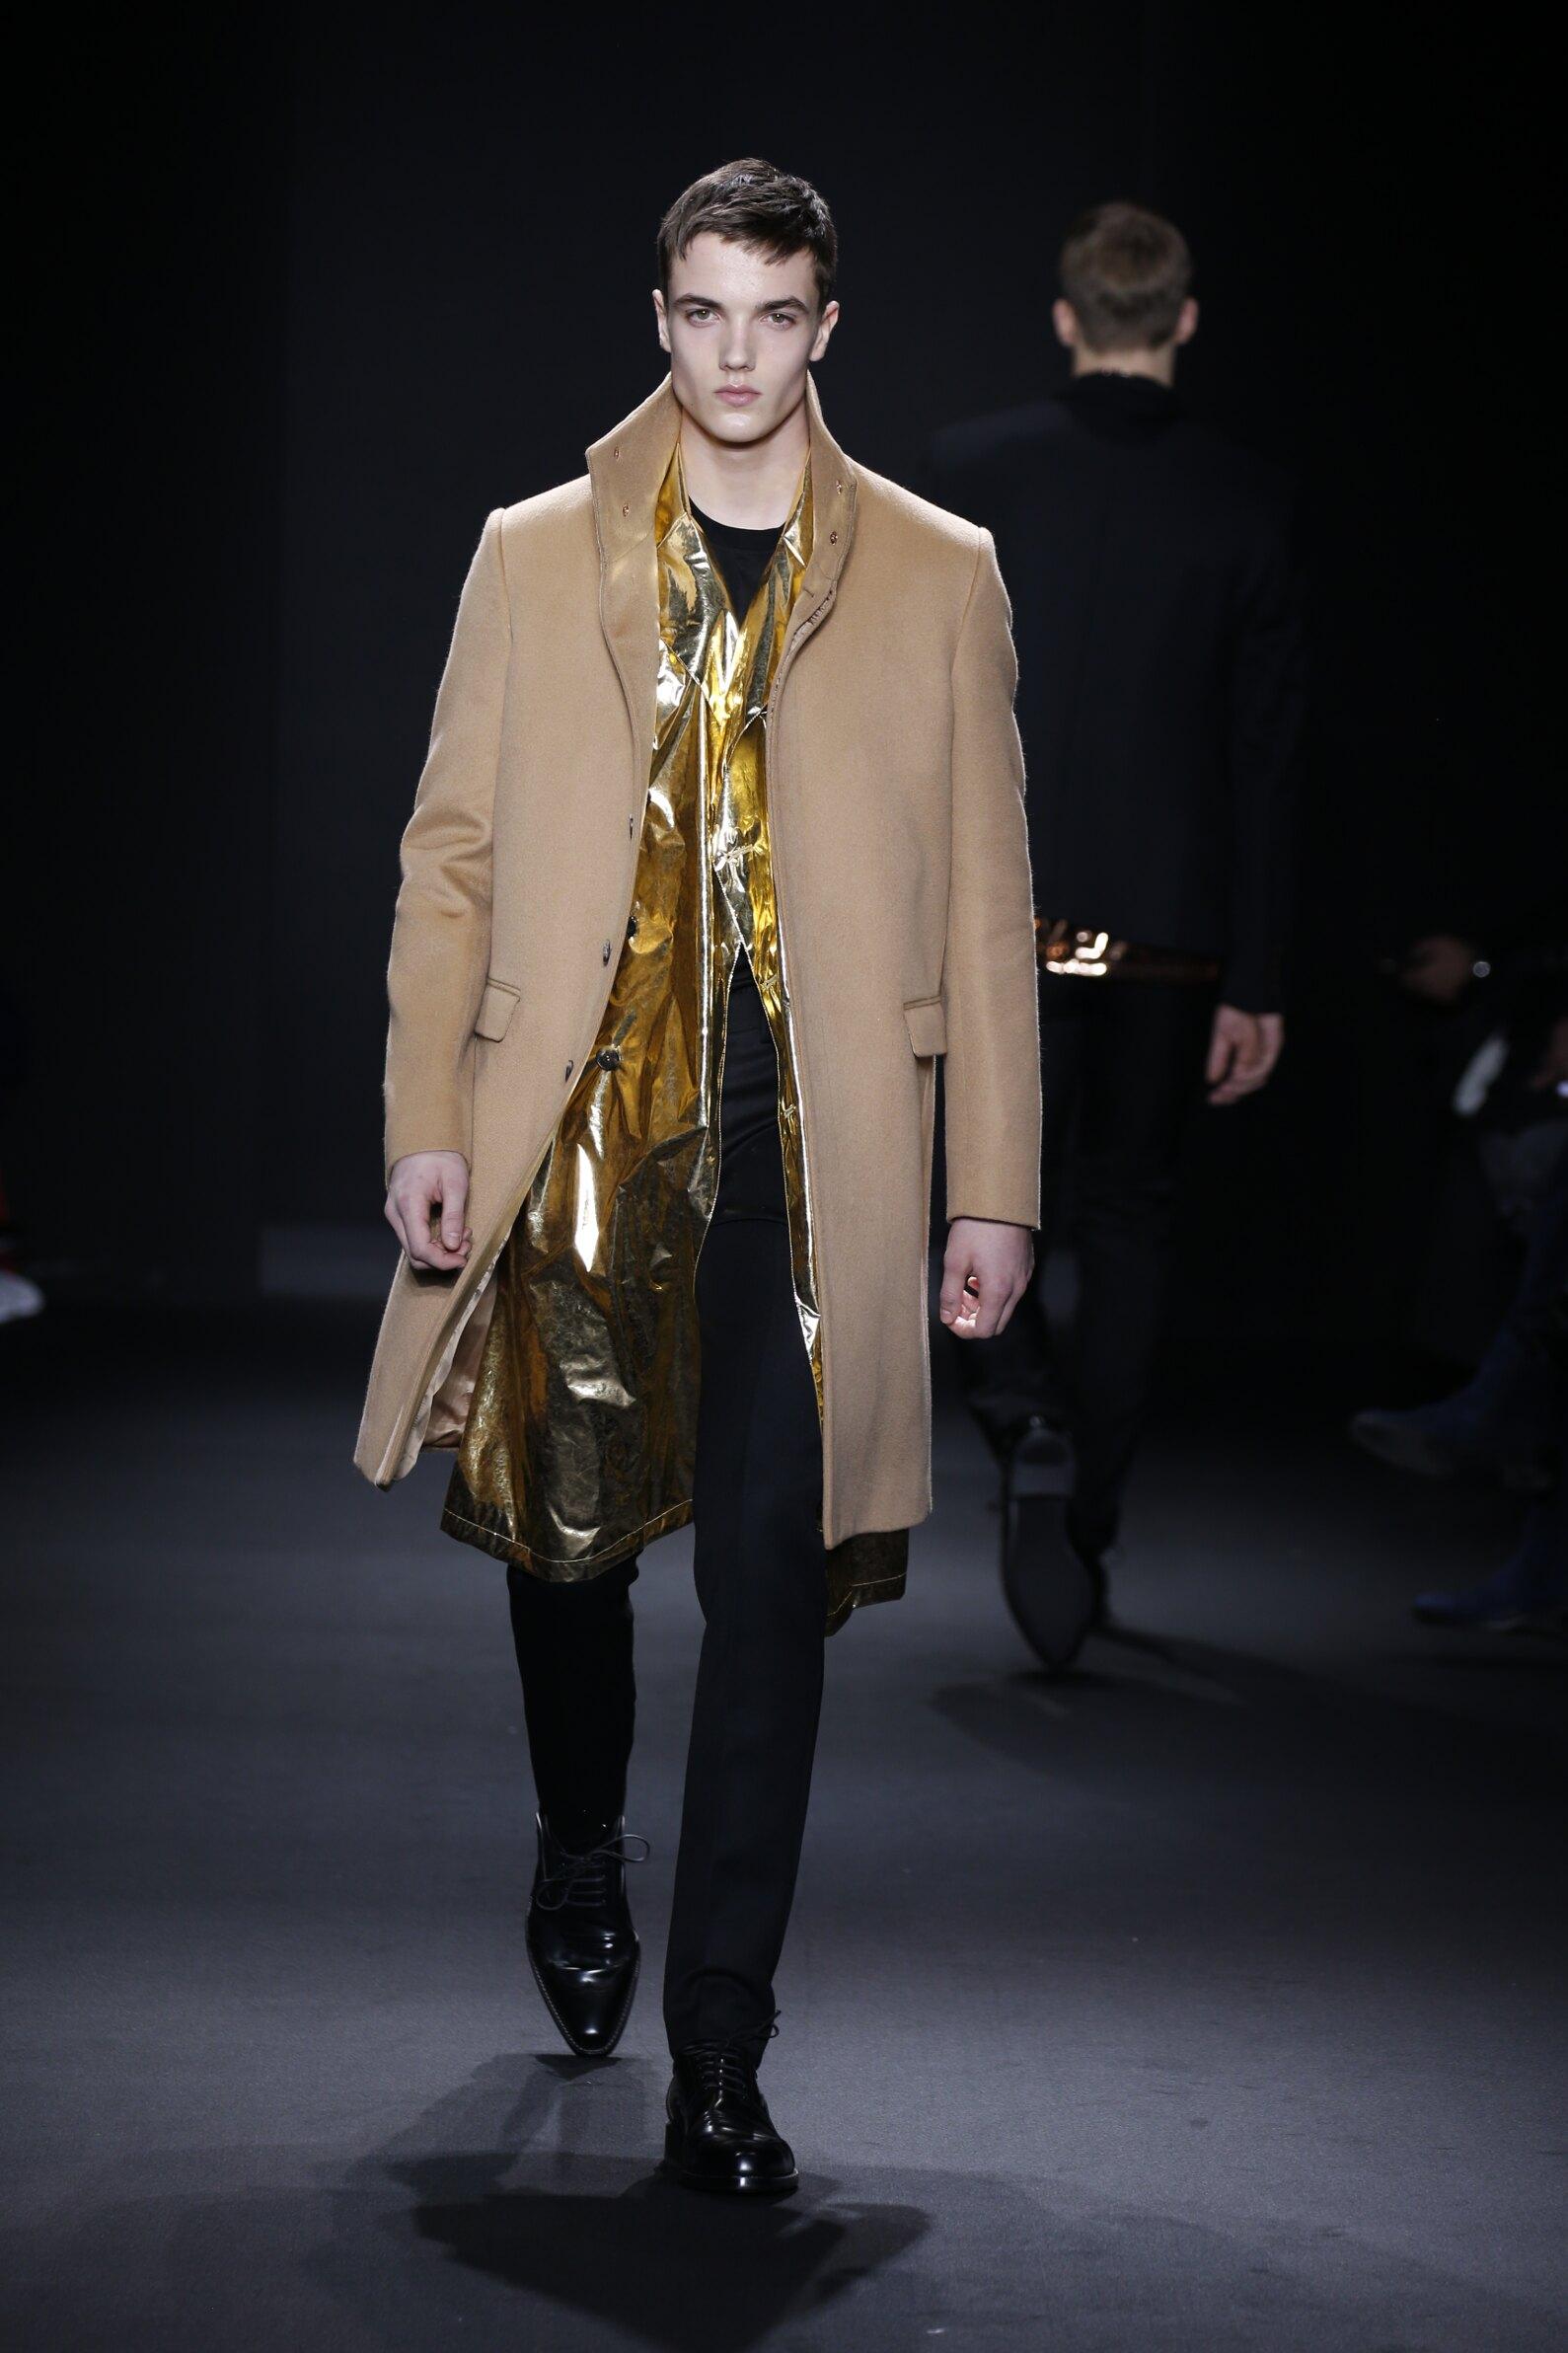 Calvin Klein Collection FW 2016 Menswear